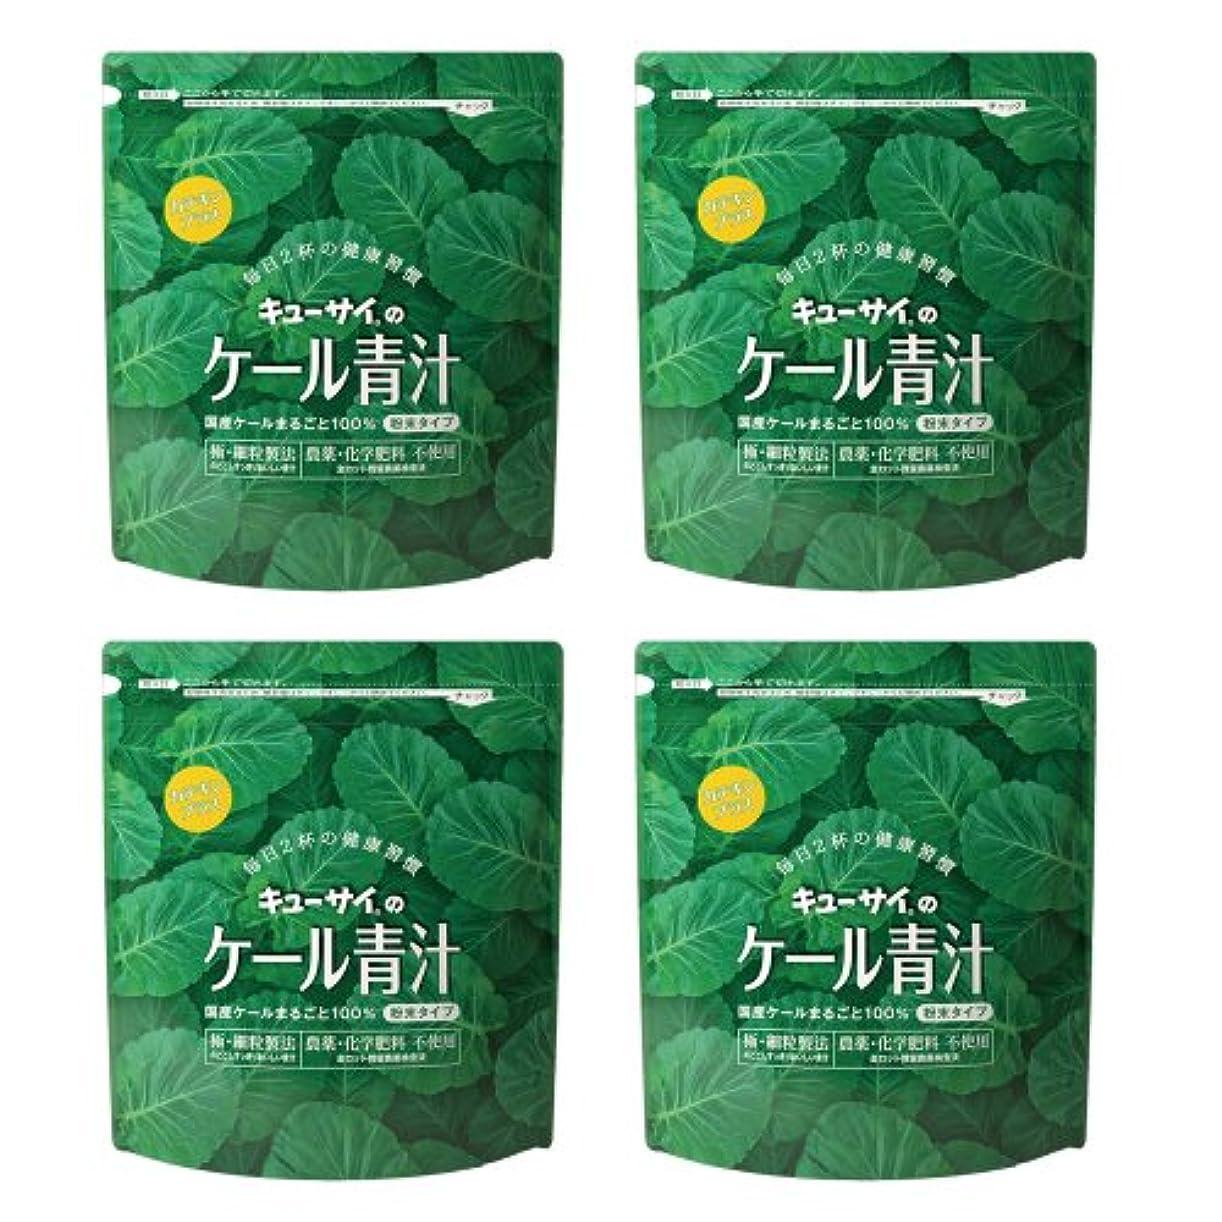 ひまわり虫食用キューサイ青汁カテキンプラス420g(粉末タイプ)4袋まとめ買い【1袋420g(約1カ月分)】